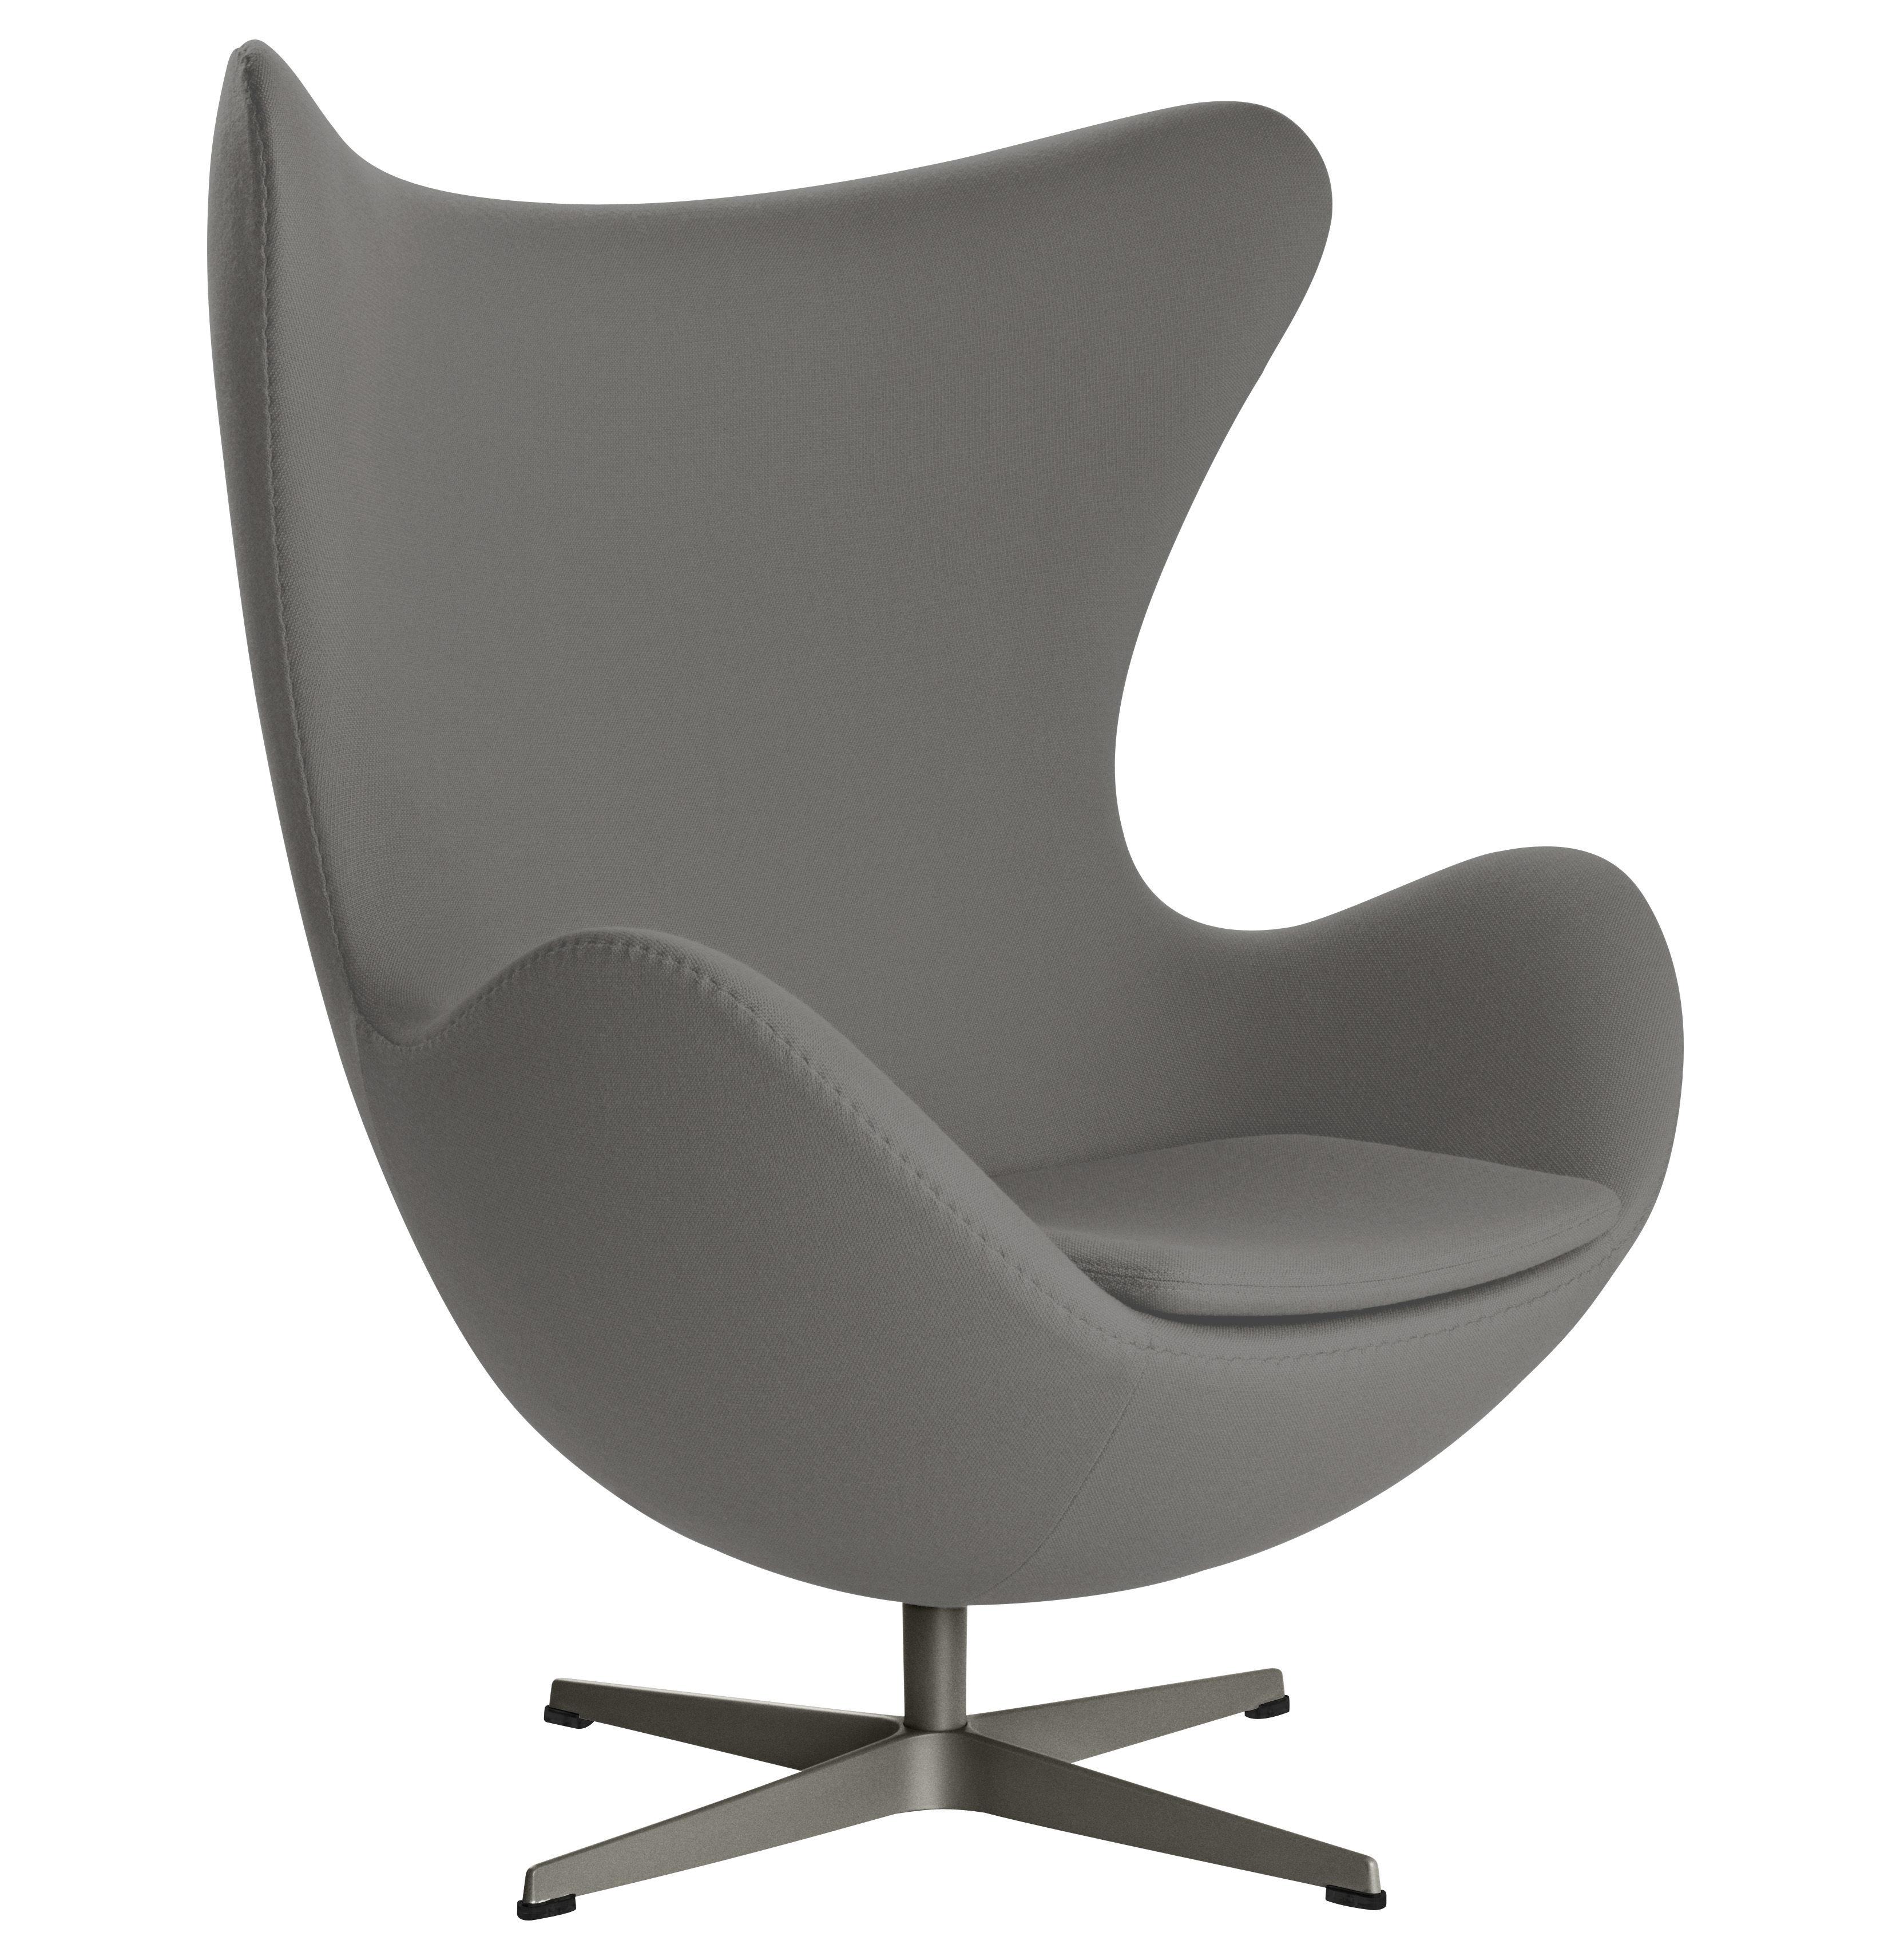 Mobilier - Fauteuils - Fauteuil pivotant Egg chair / Tissu Gabriele - Fritz Hansen - Gris foncé - Aluminium poli, Fibre de verre, Mousse de polyuréthane, Tissu